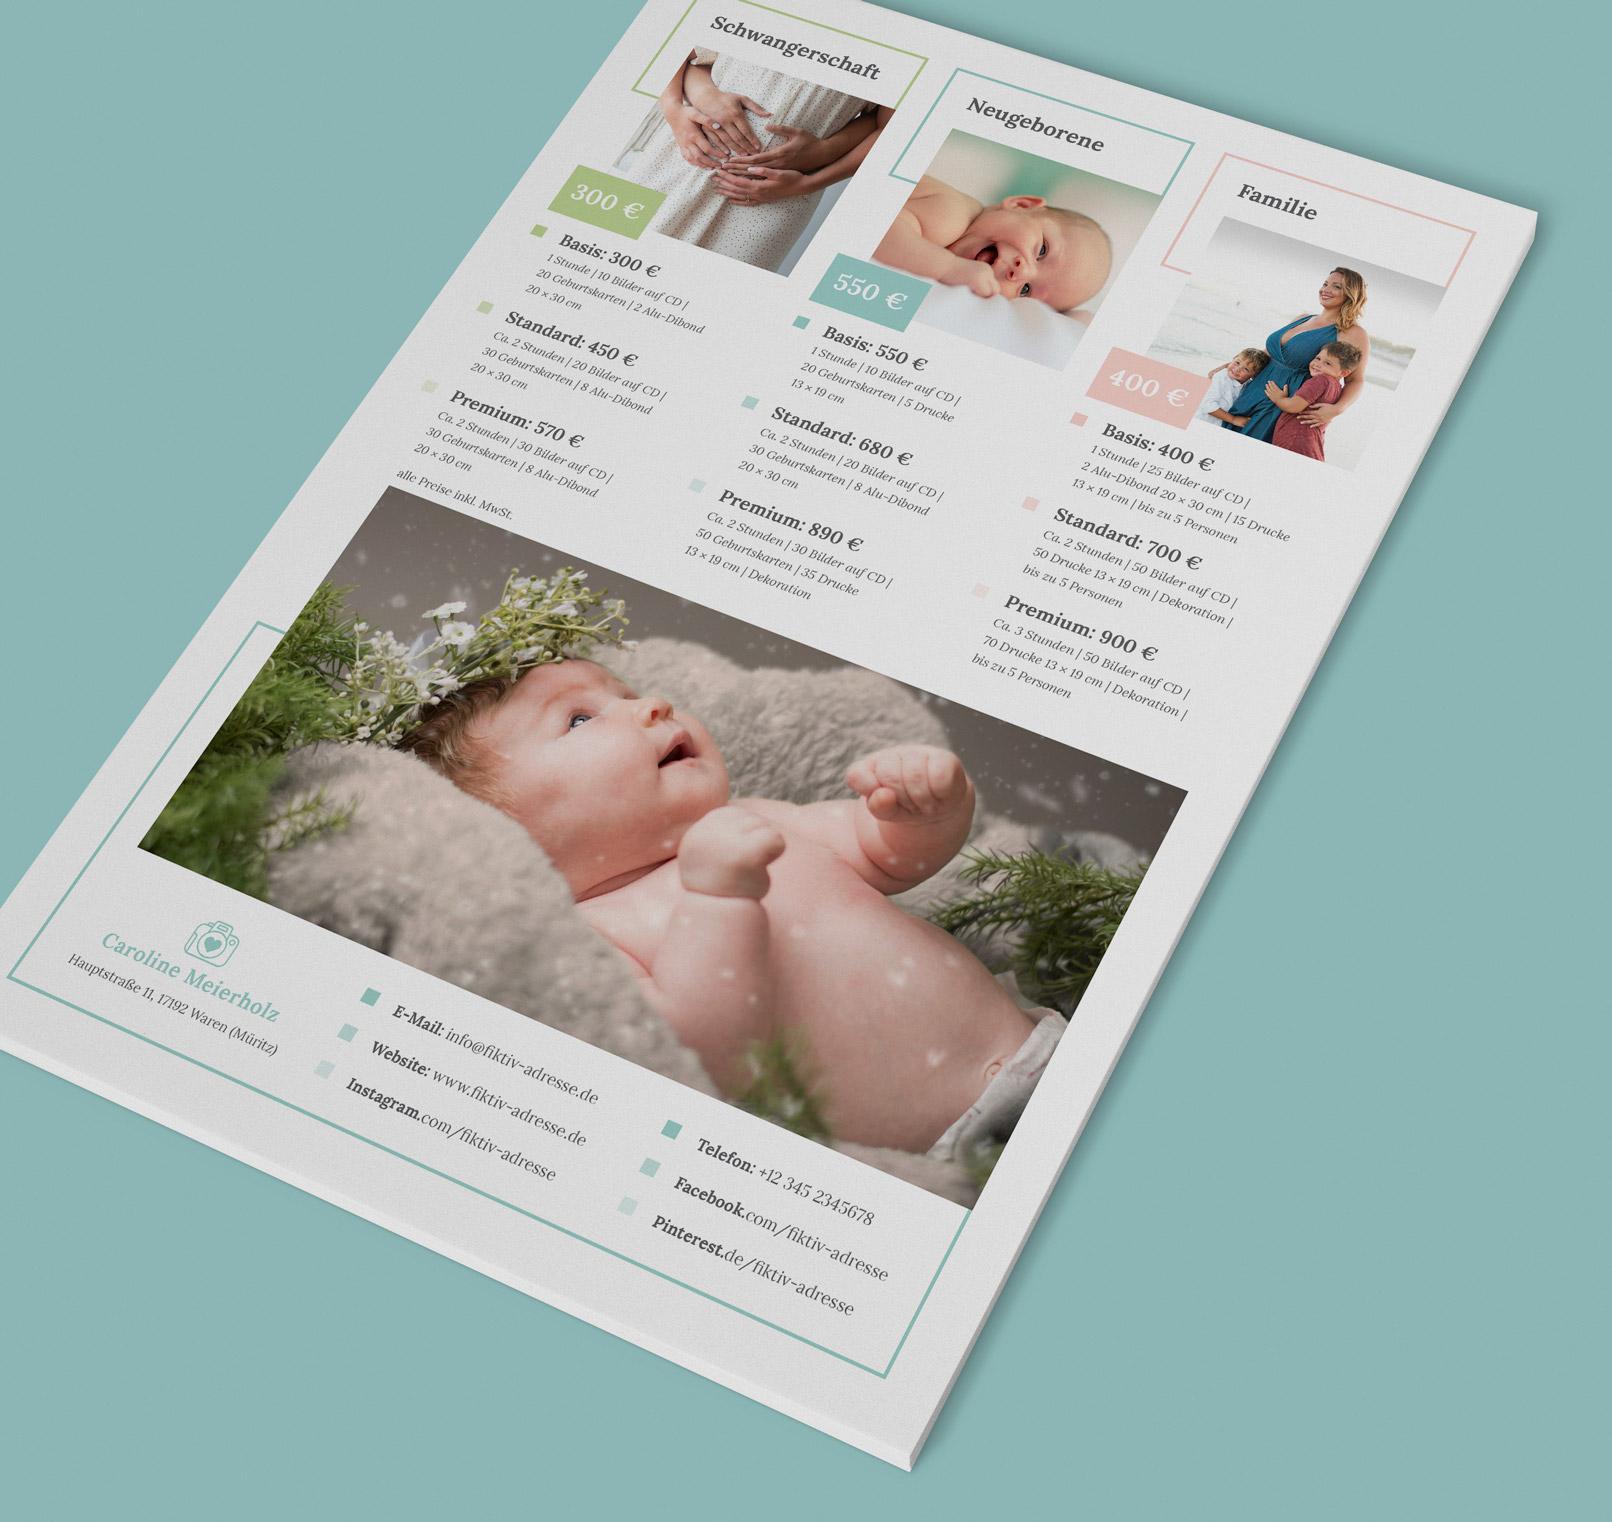 Preislisten-Vorlage für Fotografen (Babyfotografie) zur Bearbeitung in Photoshop, InDesign und Word